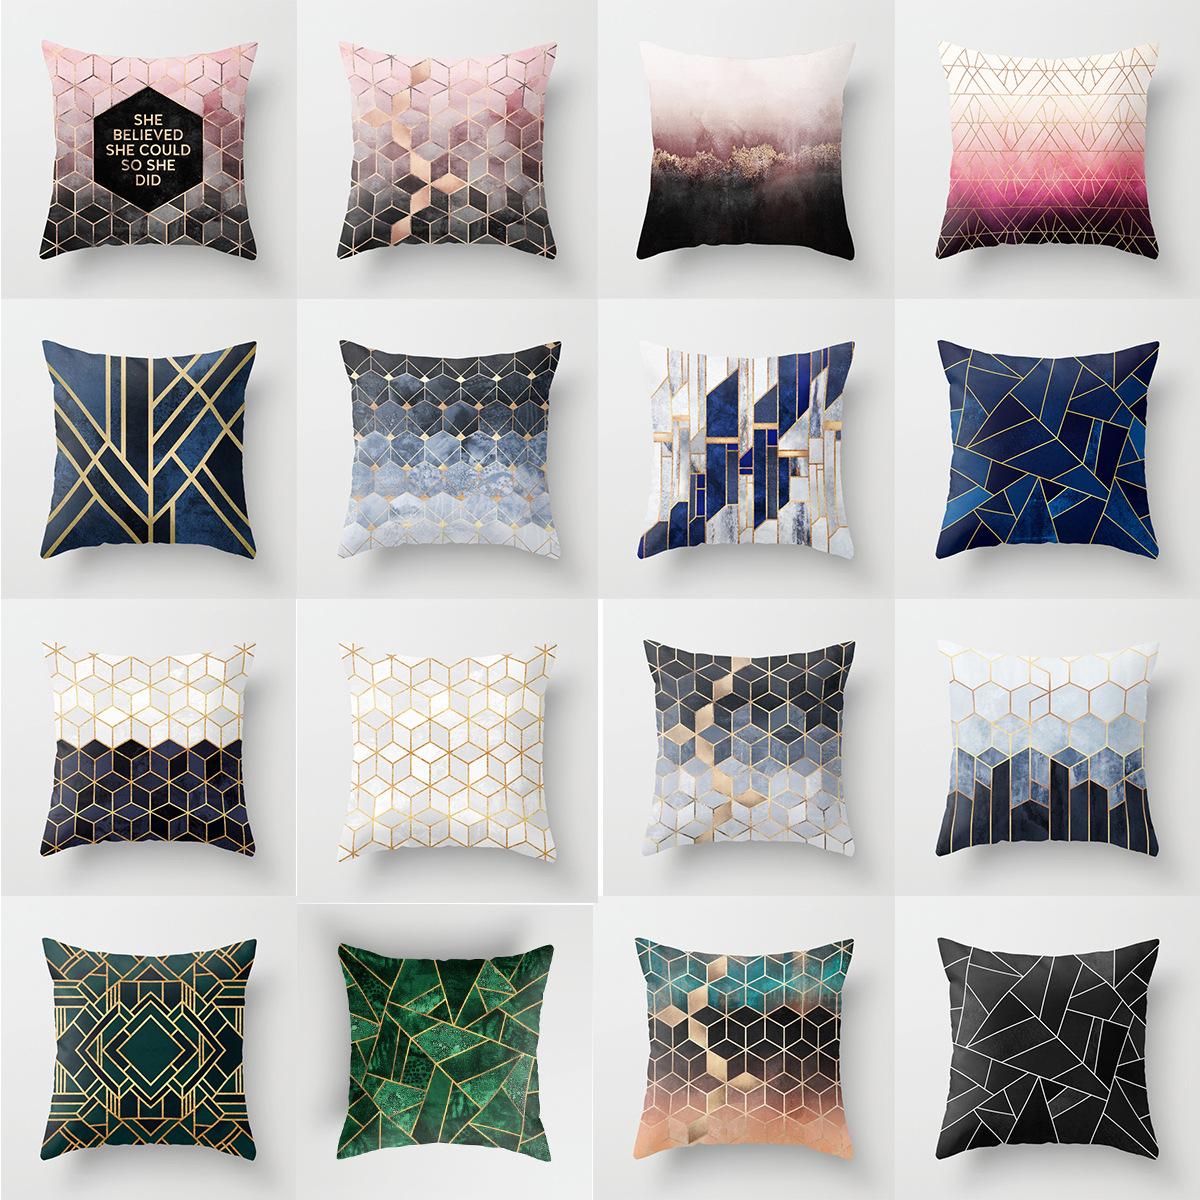 Cuscini Bianchi E Neri copertura decorativa del cuscino del poliestere della cassa del cuscino  della copertura geometrica di stile in bianco e nero per l'automobile  mma1811